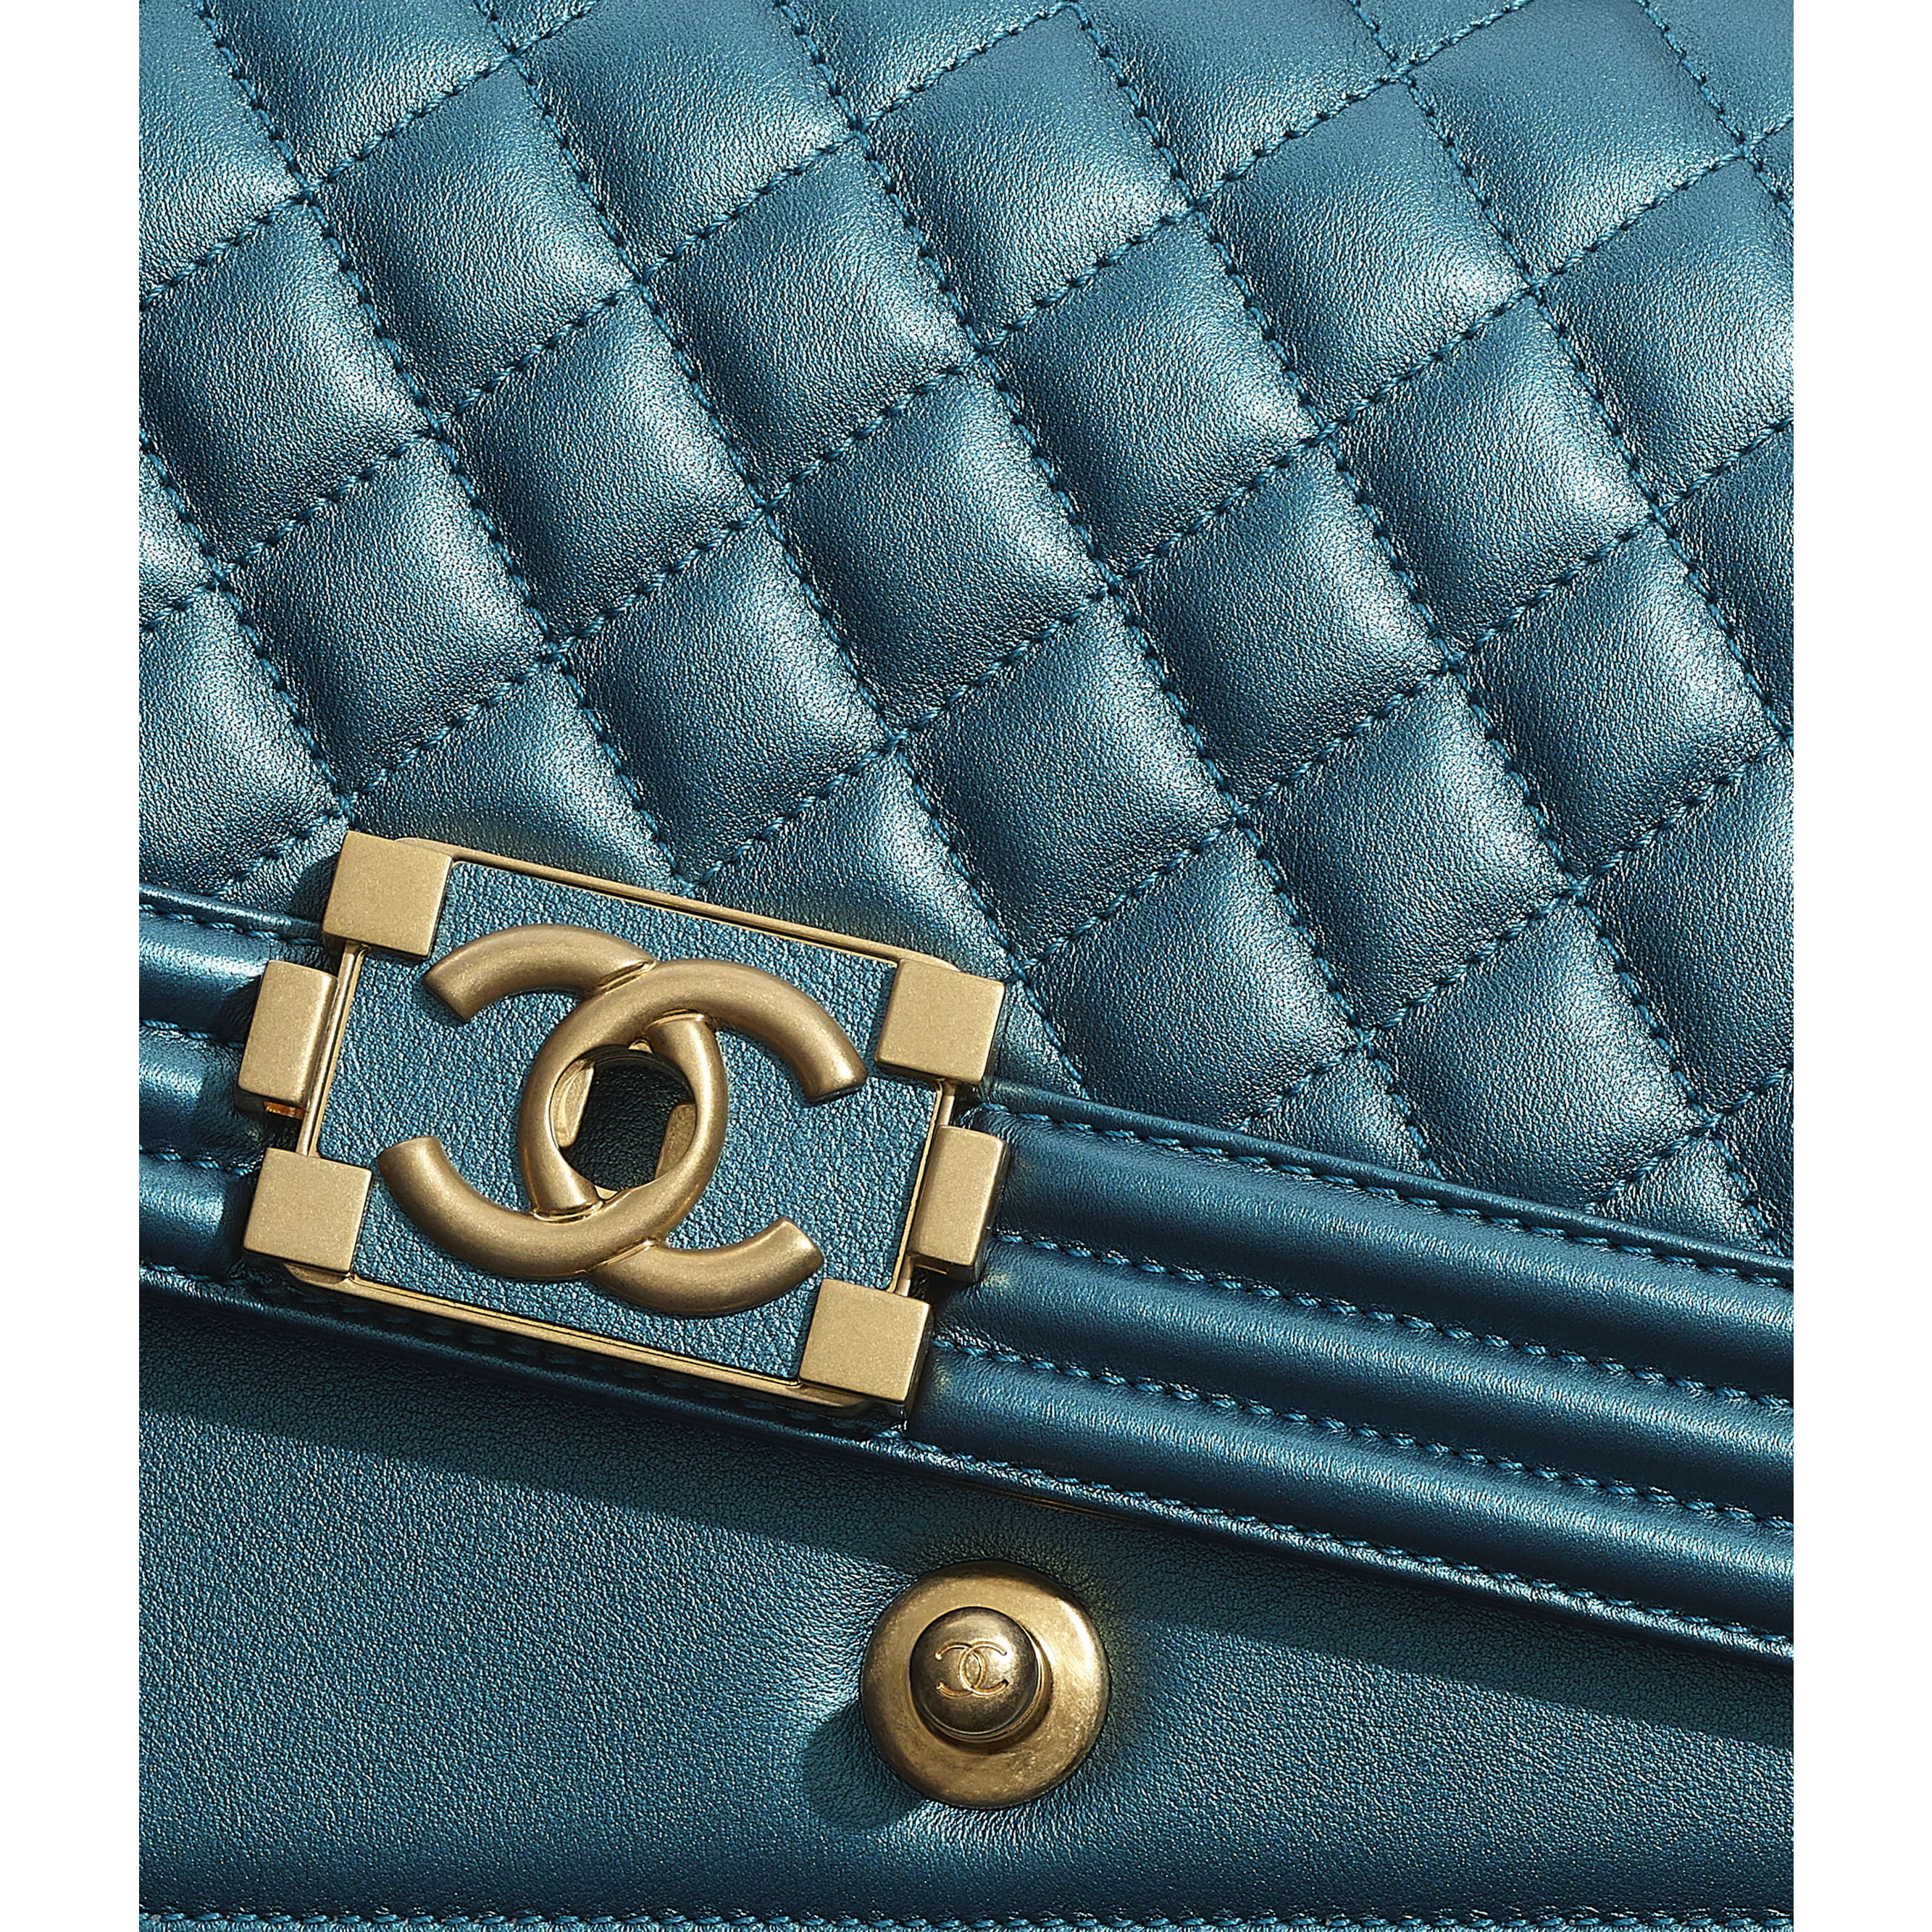 Sac BOY CHANEL - Bleu marine & blanc - Veau métallisé & métal doré - CHANEL - Vue supplémentaire - voir la version taille standard